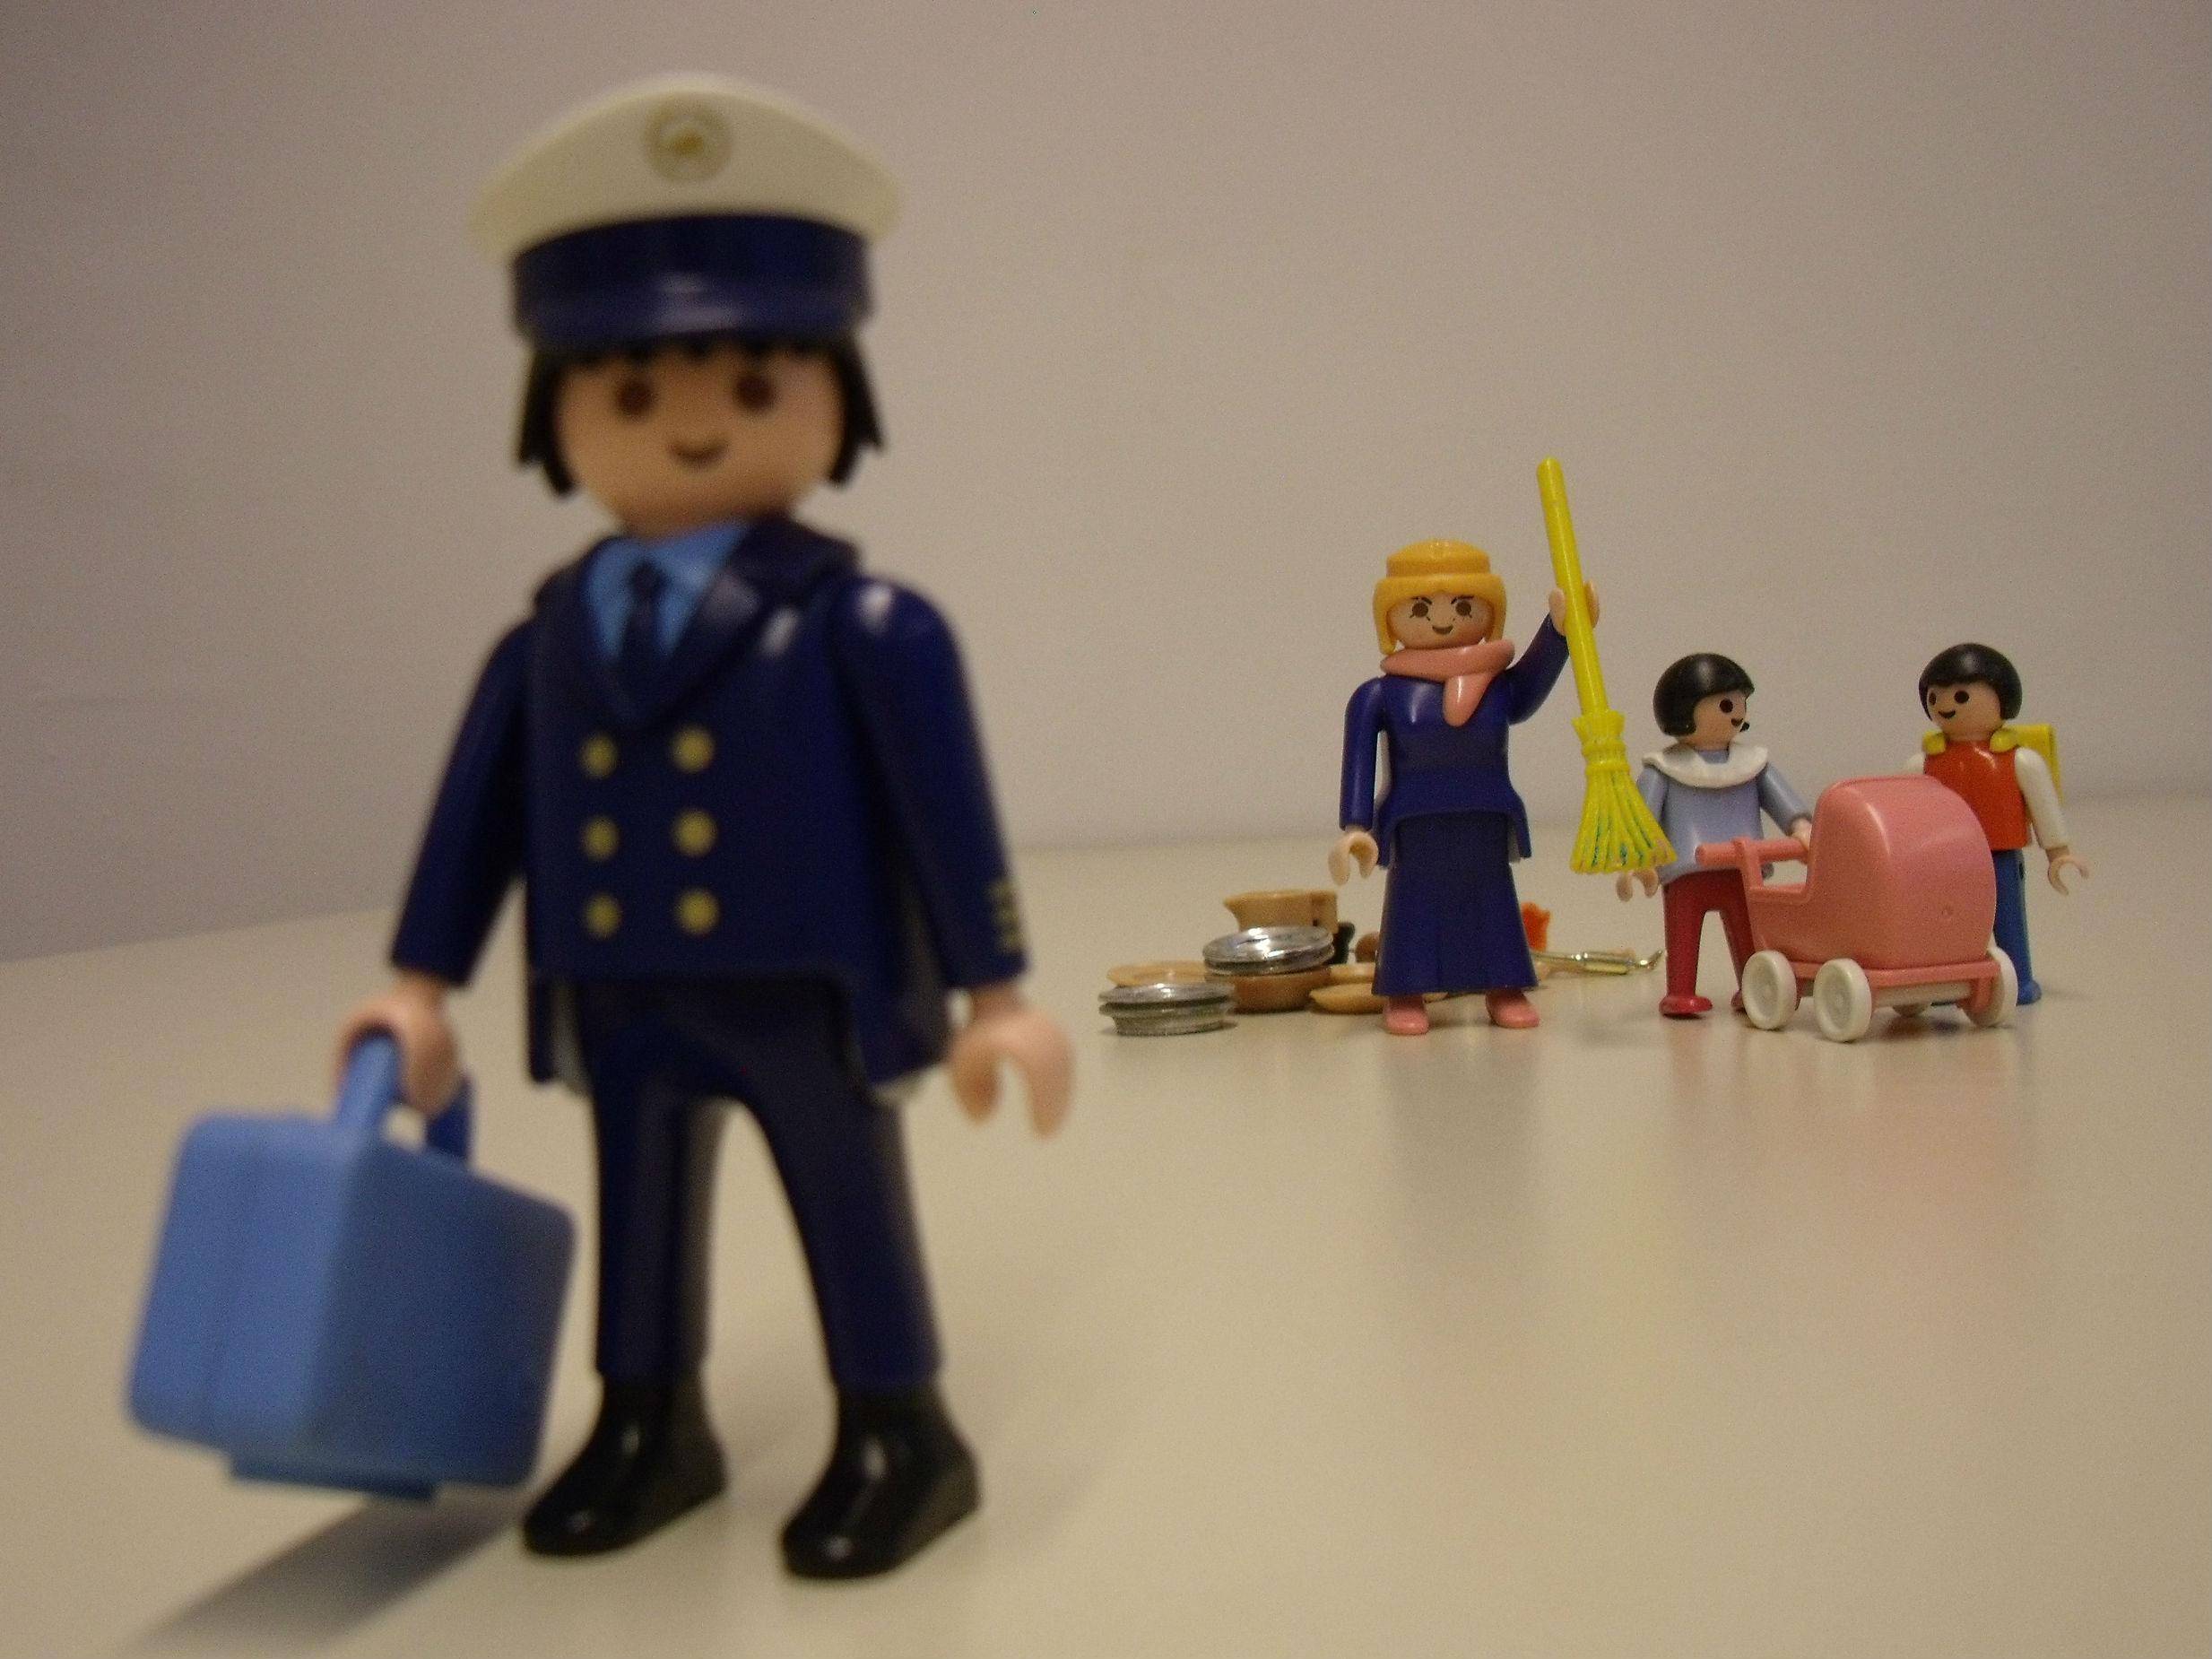 Playmobilfiguren: Polizist, Hausfrau und Kinder